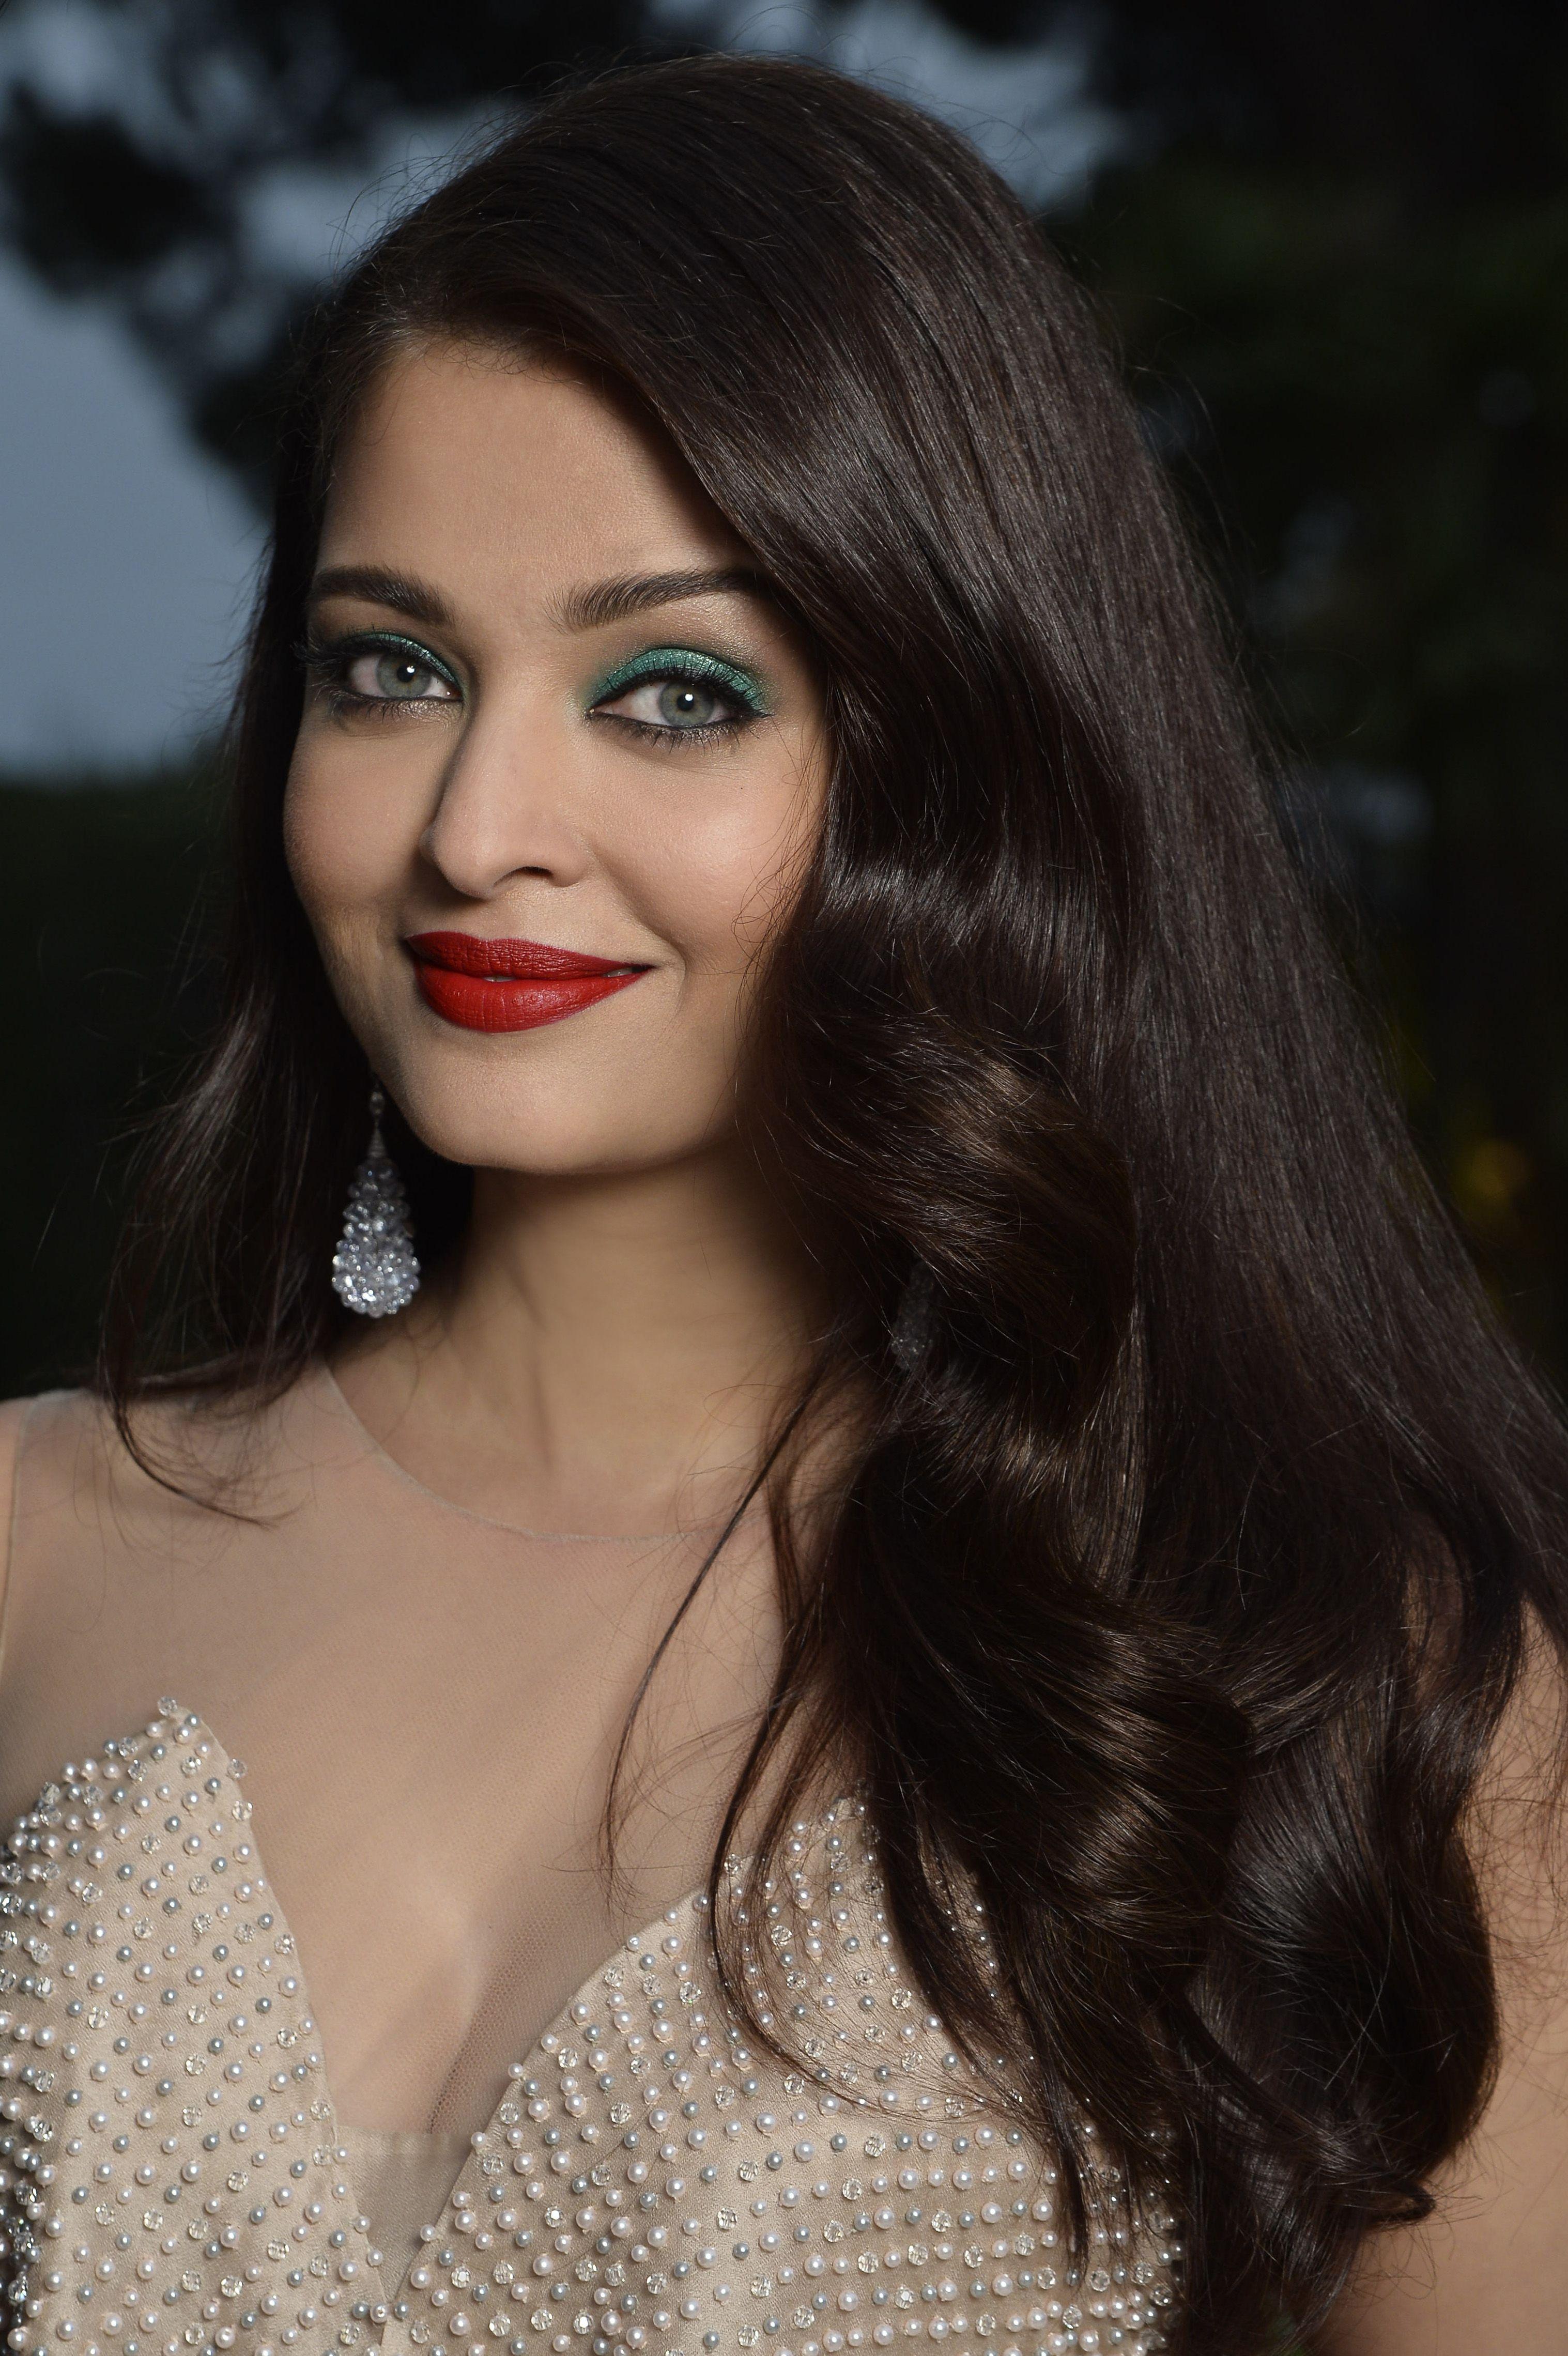 beste video sexy www Aishwarya Rai videoer com